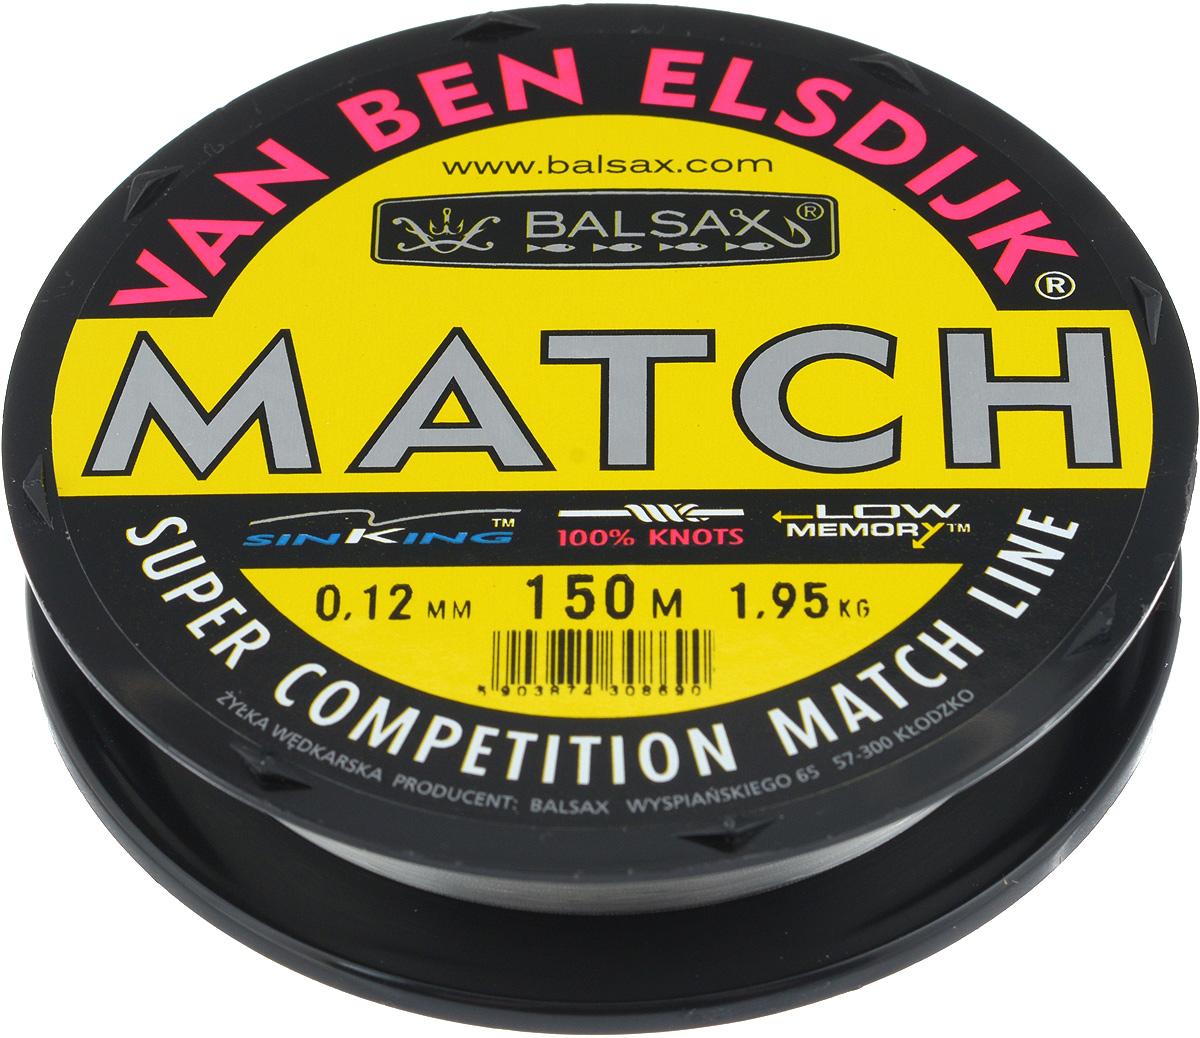 Леска Balsax Match VBE, 150 м, 0,12 мм, 1,95 кг59276Опытным спортсменам, участвующим в соревнованиях, нужна надежная леска, в которой можно быть уверенным в любой ситуации. Леска Balsax Match VBE отличается замечательной прочностью на узле и высокой сопротивляемостью к истиранию. Она была проверена на склонность к остаточным деформациям, чтобы убедиться в том, что она обладает наиболее подходящей растяжимостью, отвечая самым строгим требованиям рыболовов. Такая леска отлично подходит как для спортивного, так и для любительского рыболовства.